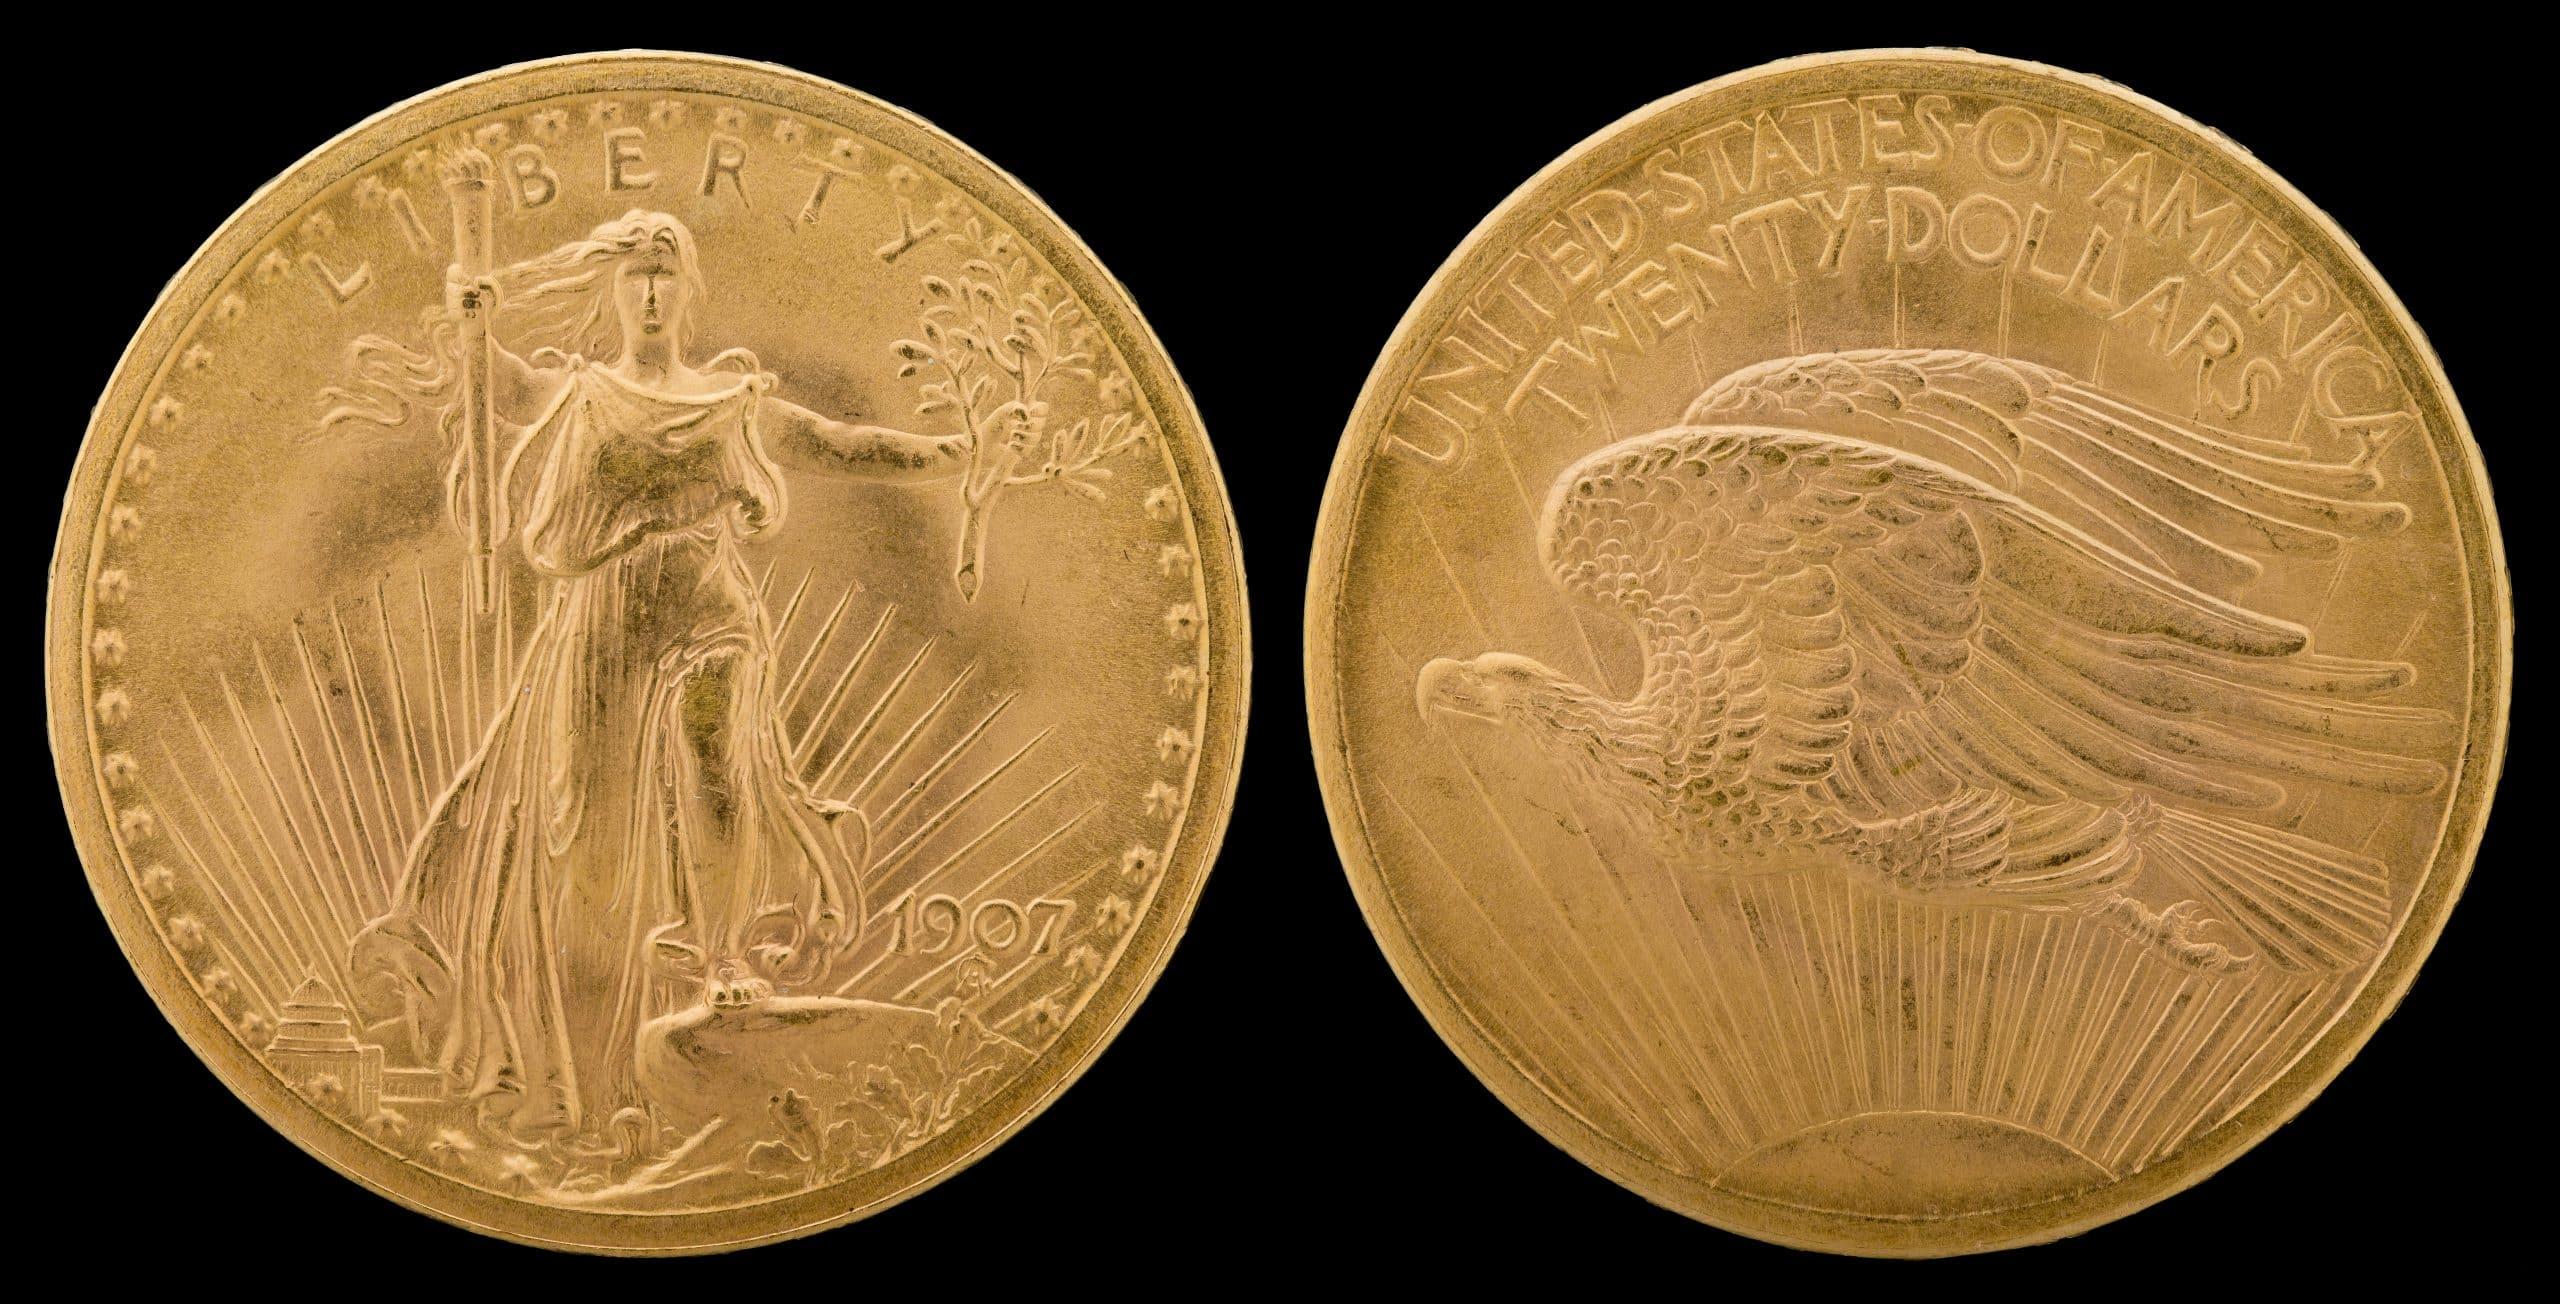 Nnc Us 1907 G$20 Saint Gaudens (arabic)